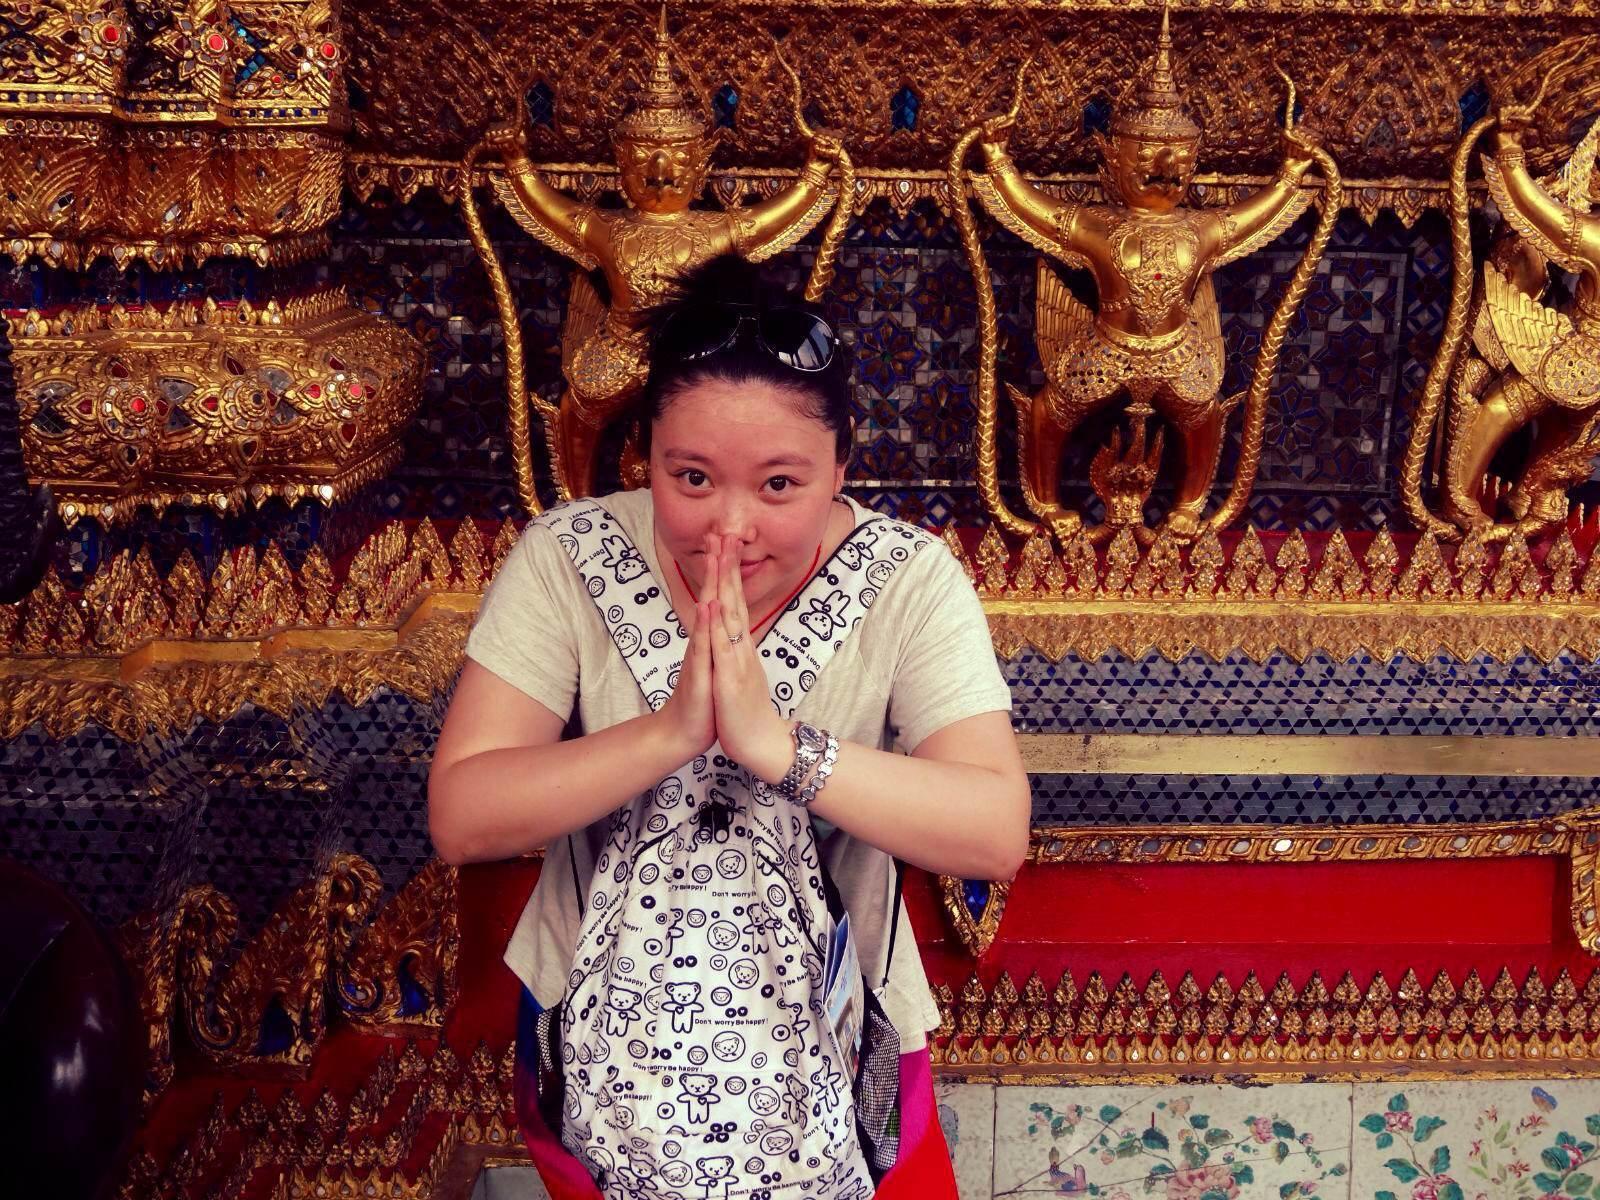 泰国人特有的打招呼方式.